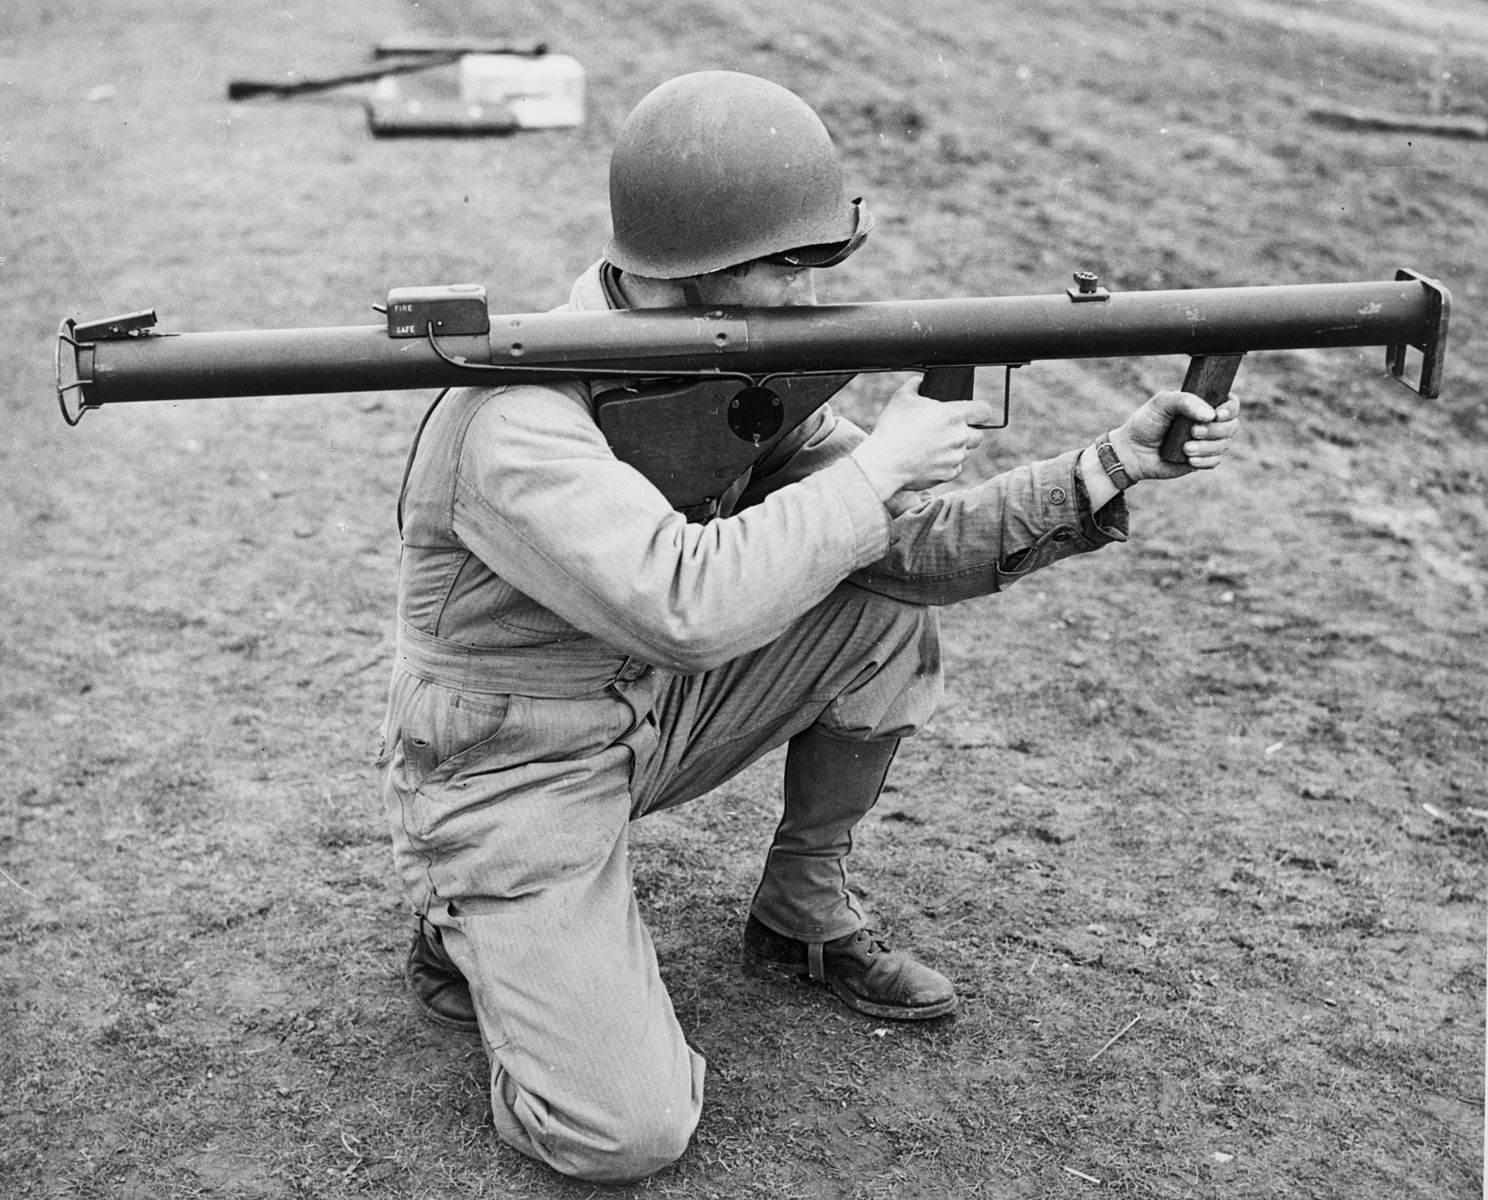 Soldier with Bazooka M1 - Un soldat et son Bazooka M1 en 1943